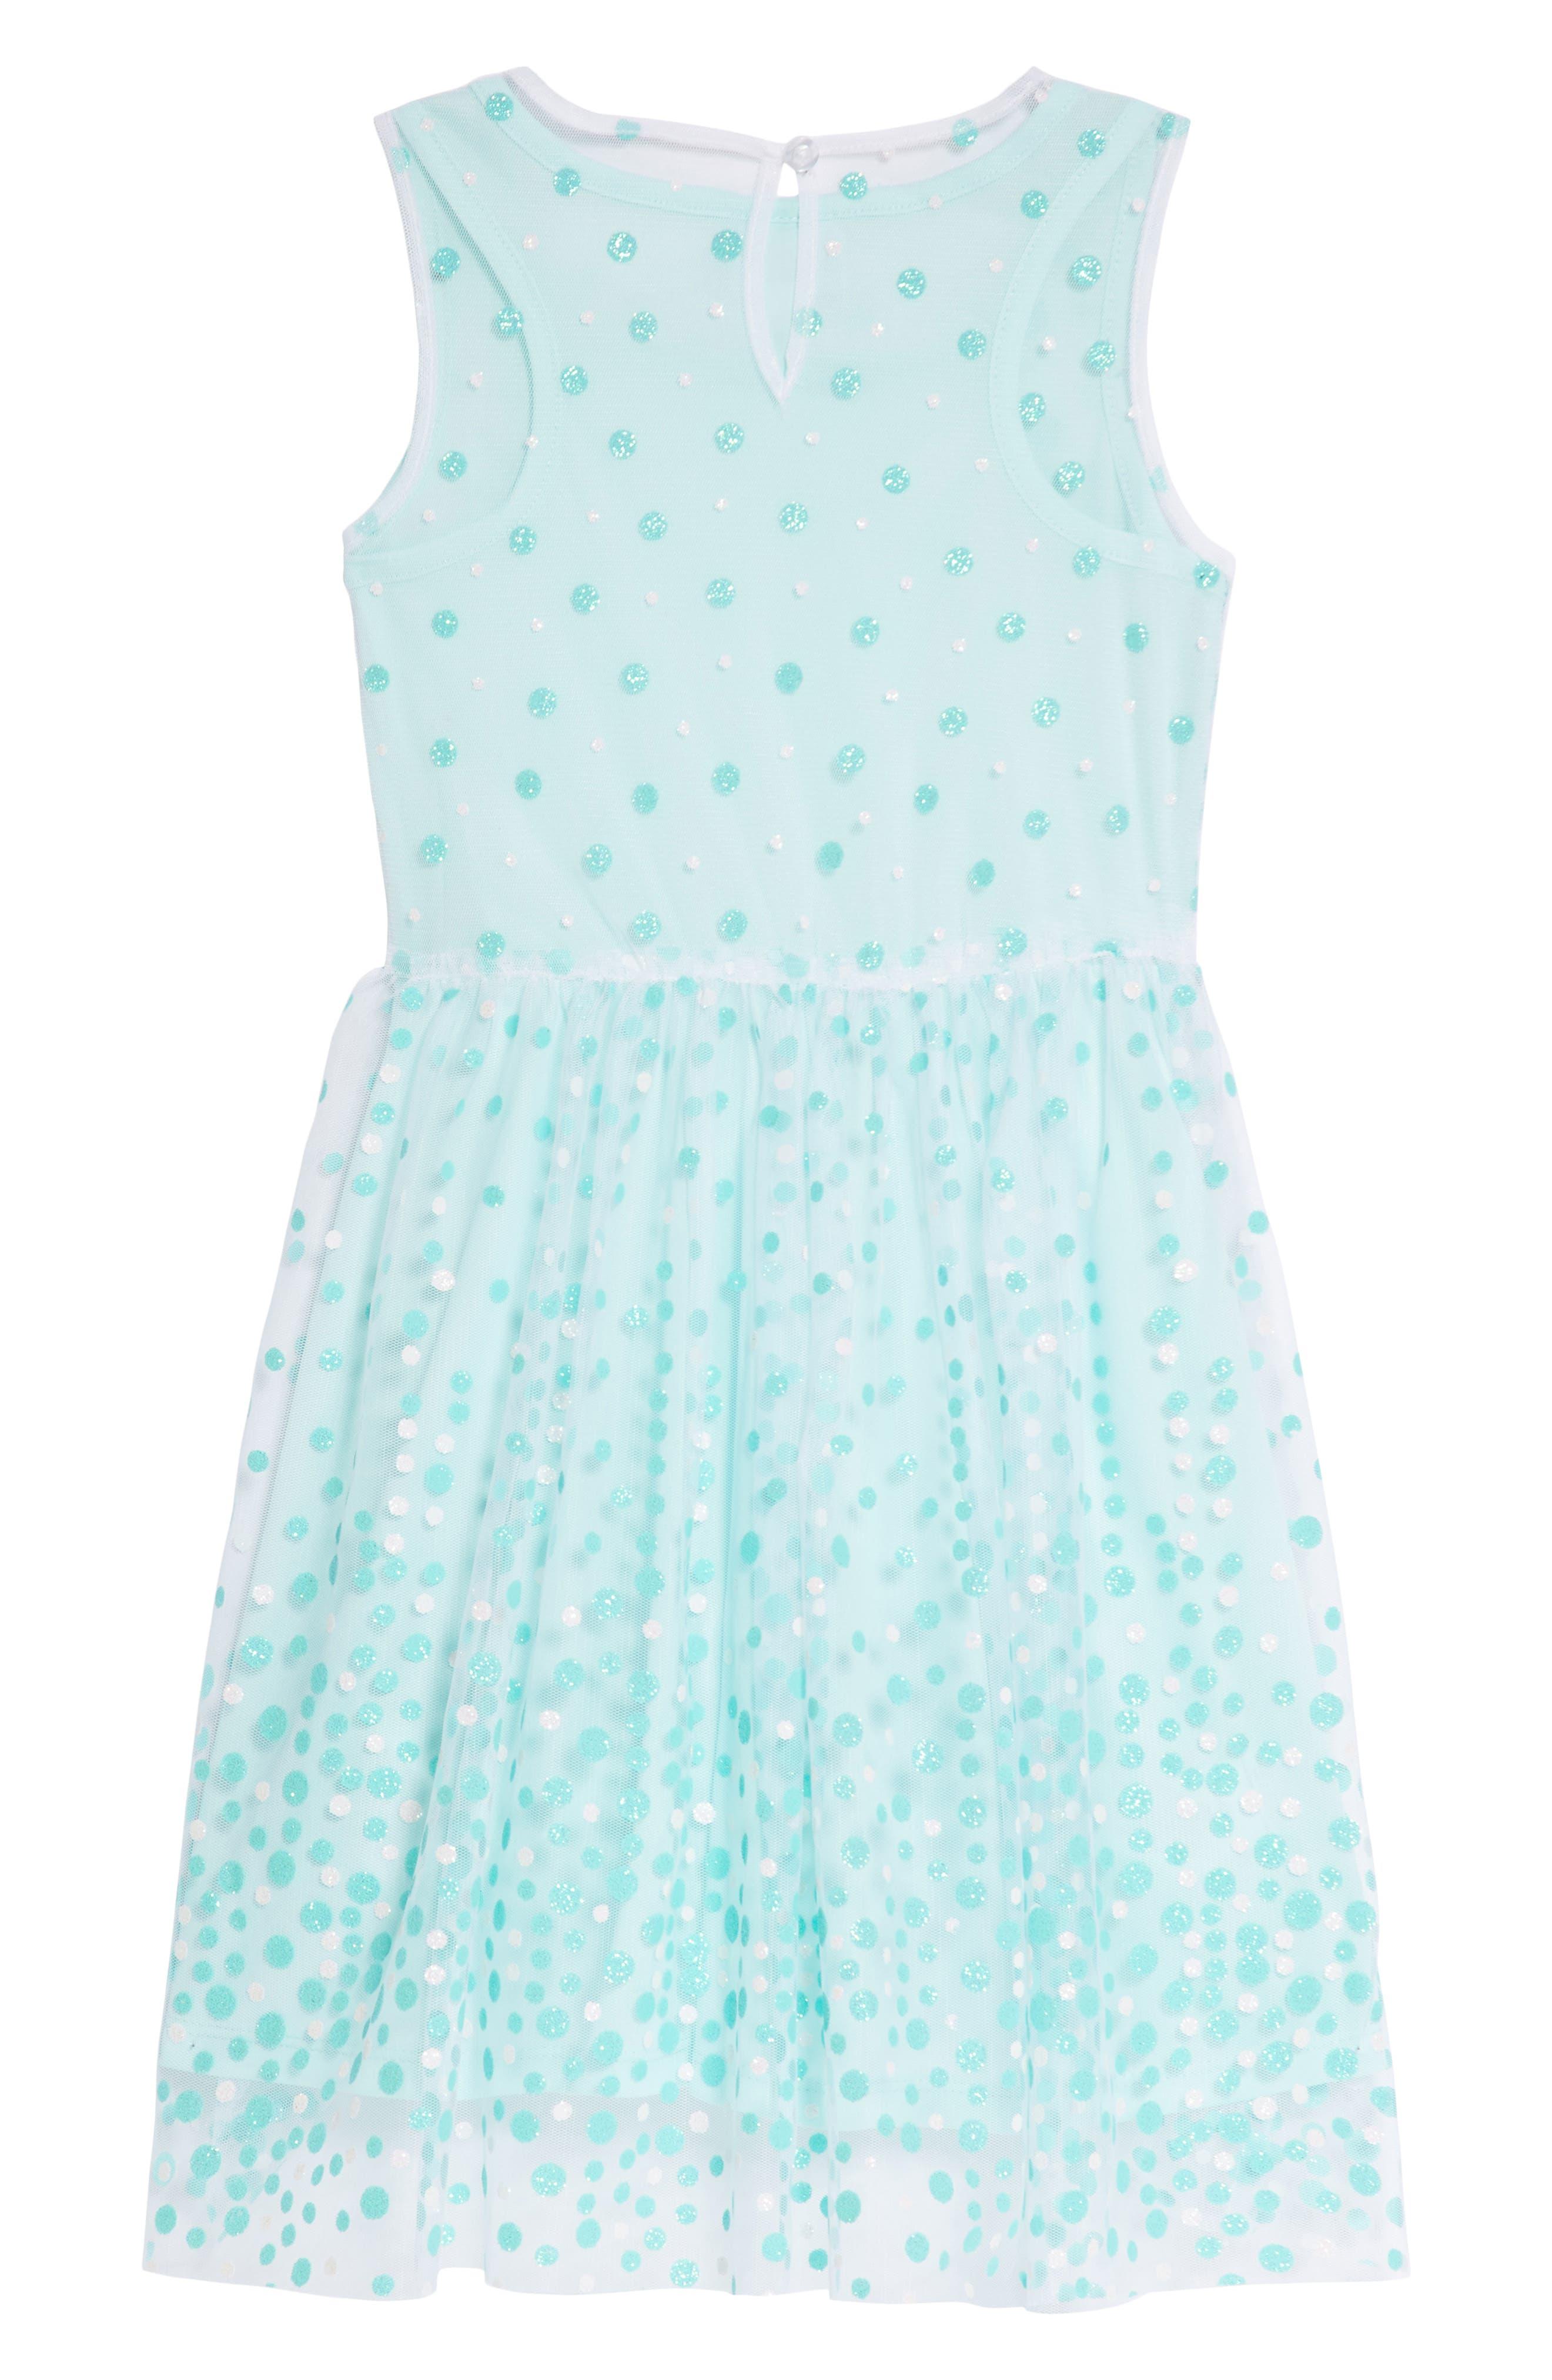 Glitter Dot Sleeveless Dress,                             Alternate thumbnail 2, color,                             440